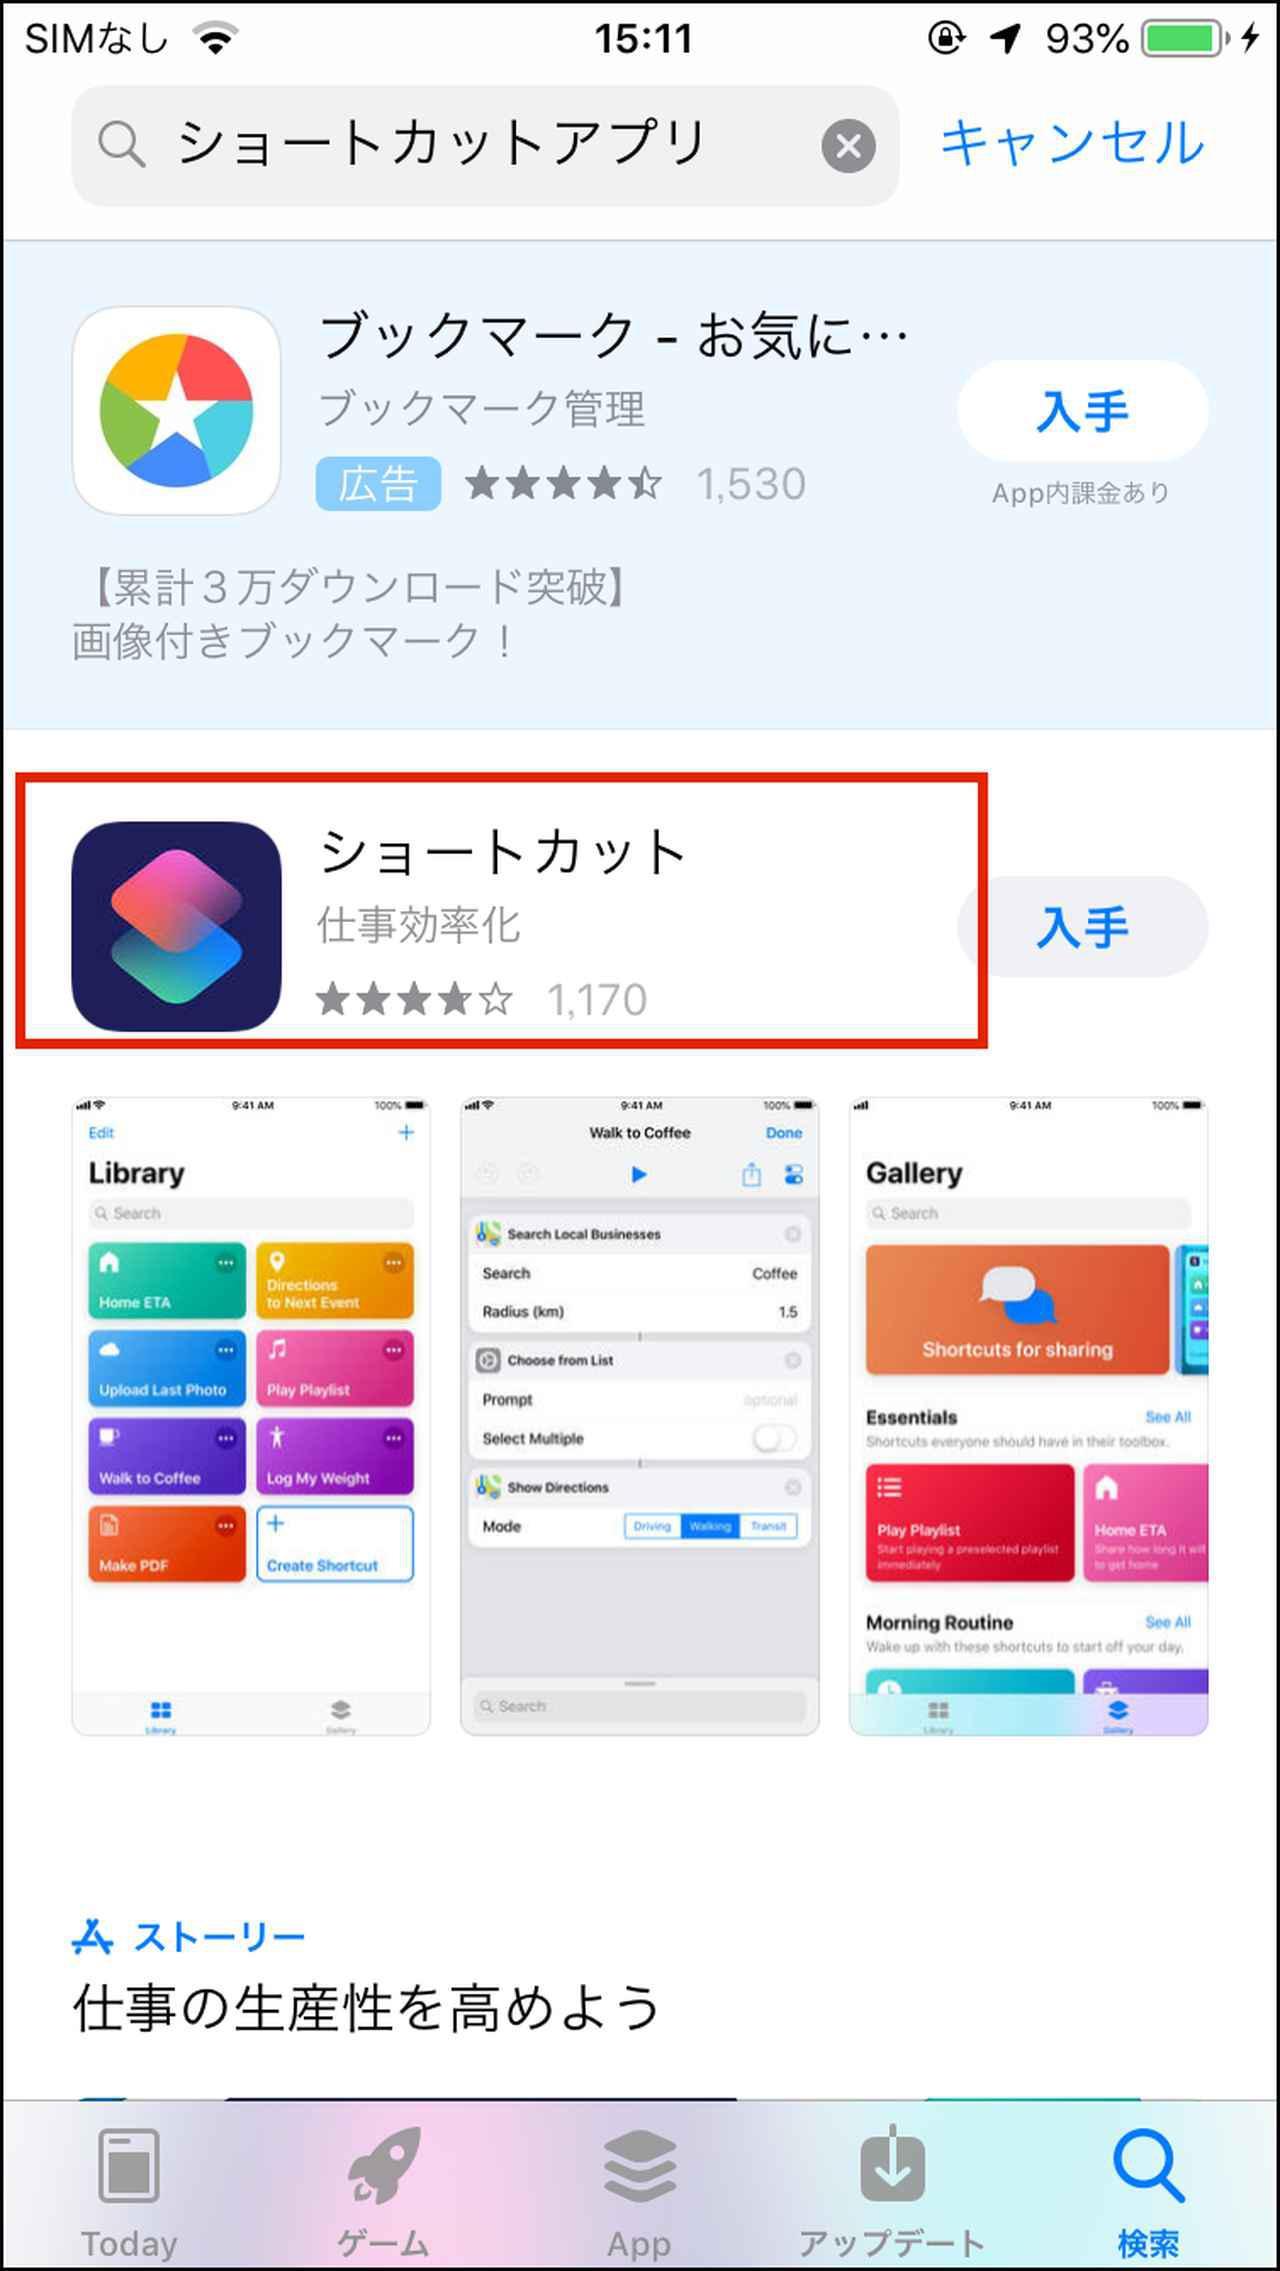 画像4: 【iPhone】ショートカットとは?アプリの使い方とおすすめの作成方法を簡単図解!